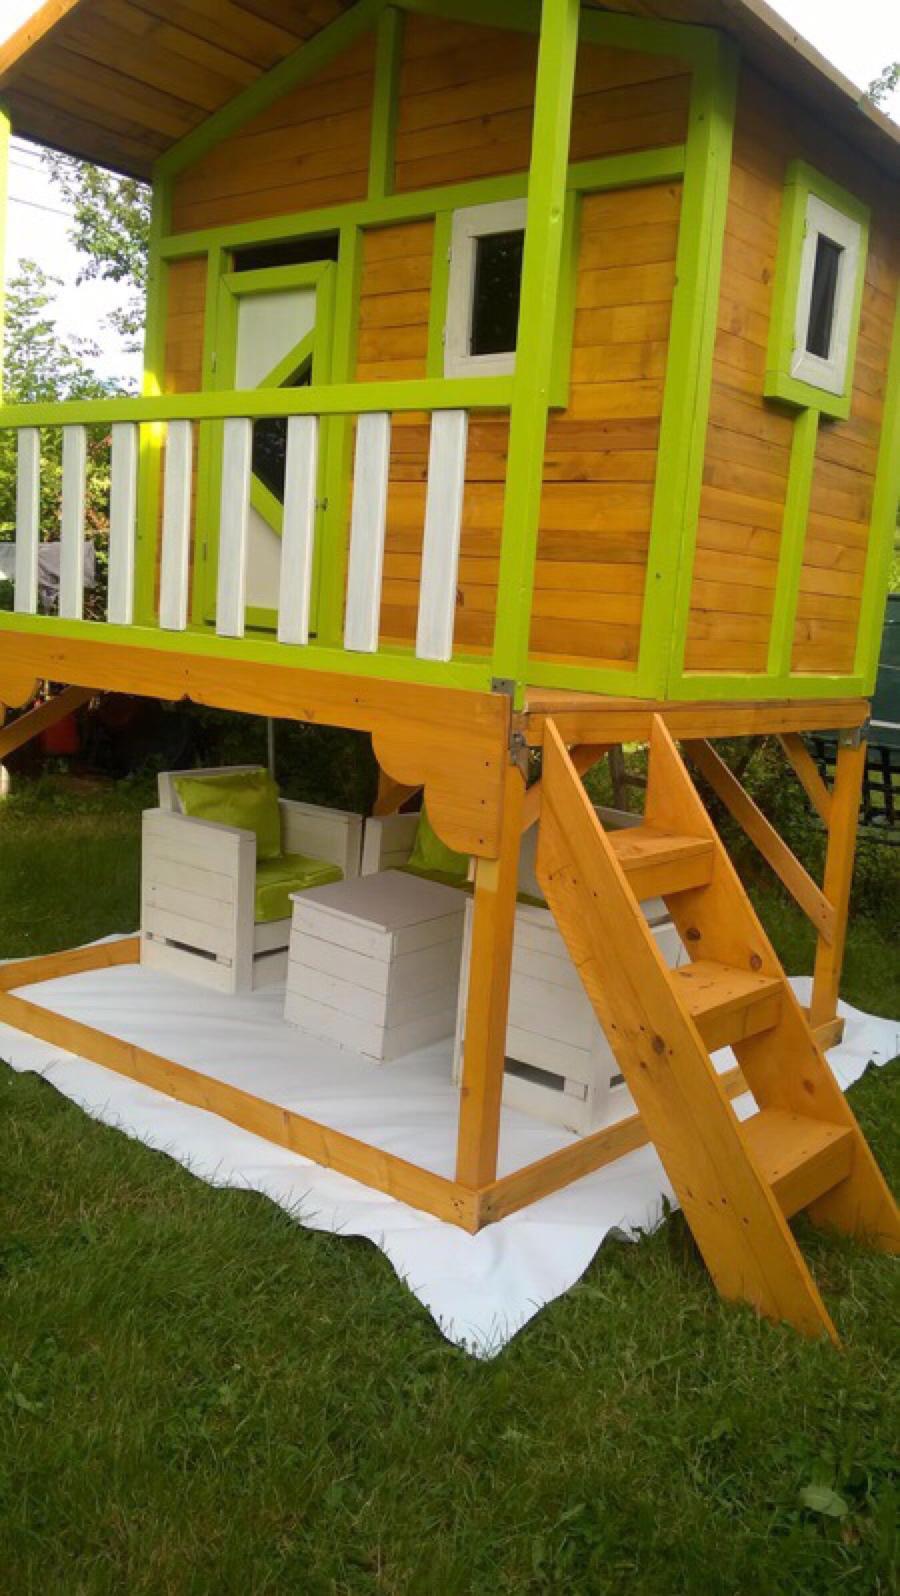 Cabane Jardin En Palette petite cabane de jardin pour les enfants | meuble en palette